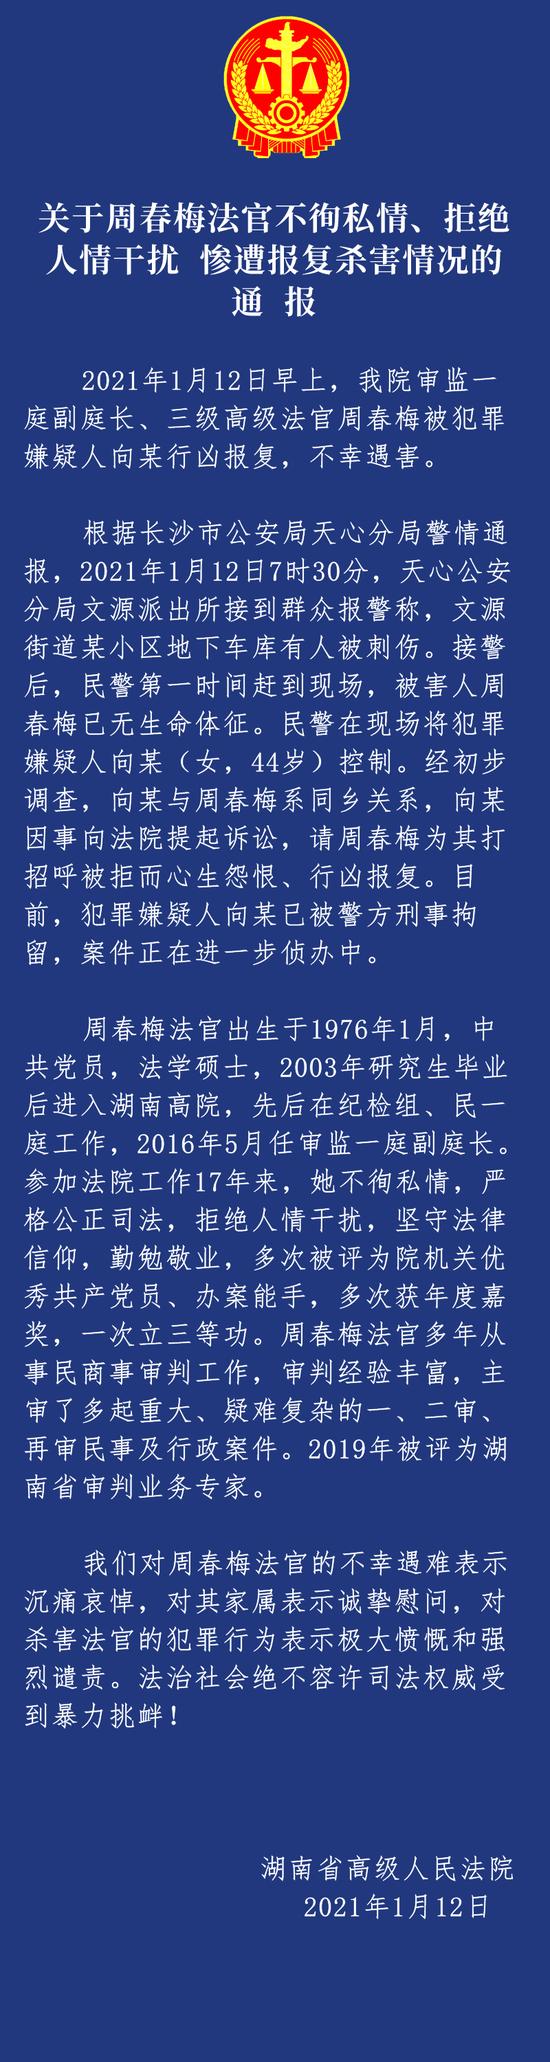 ▲湖南高院发布情况通报